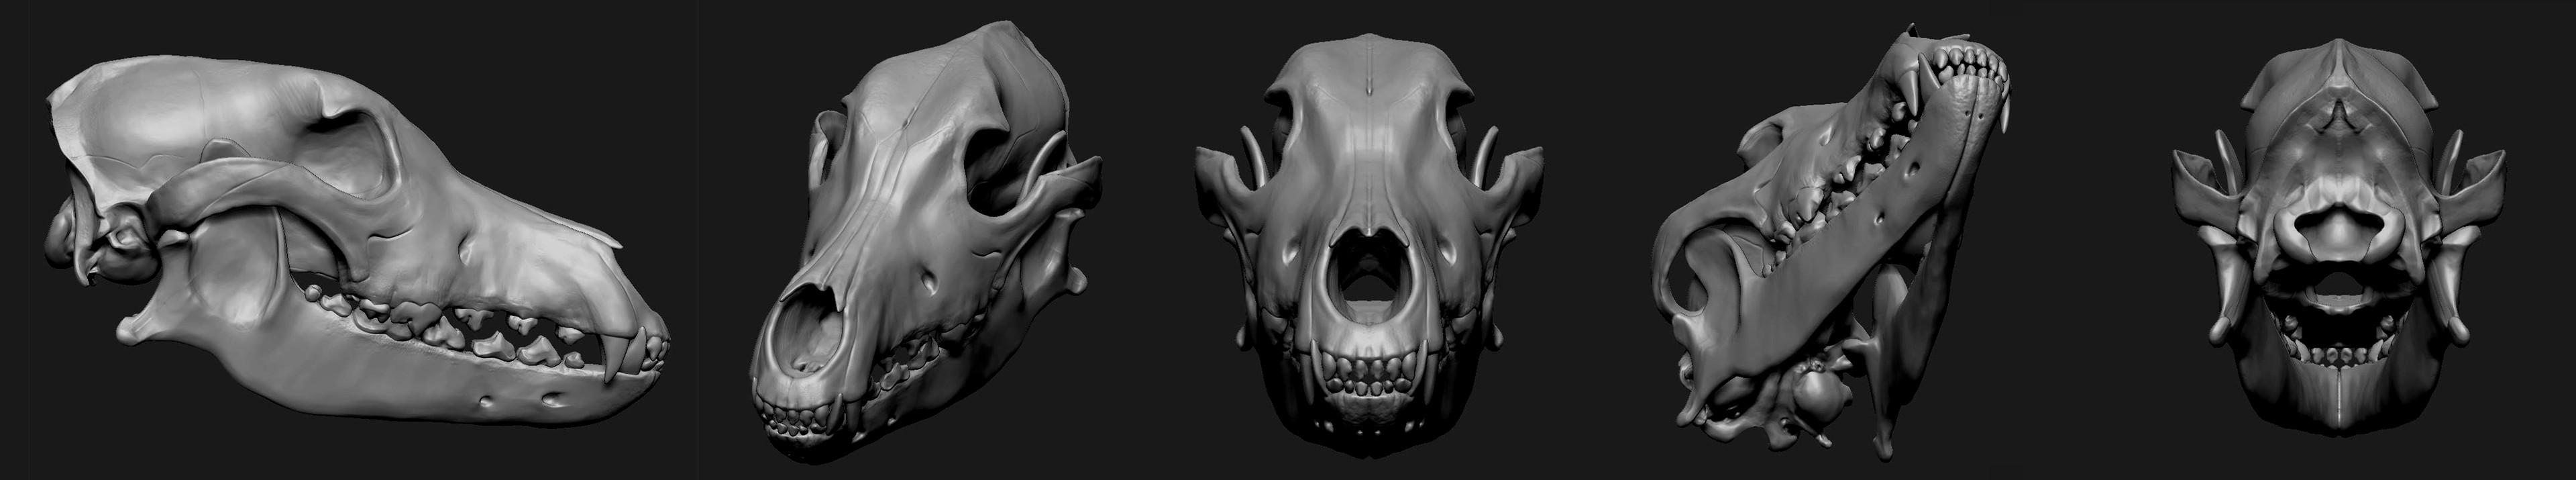 Skull in various views